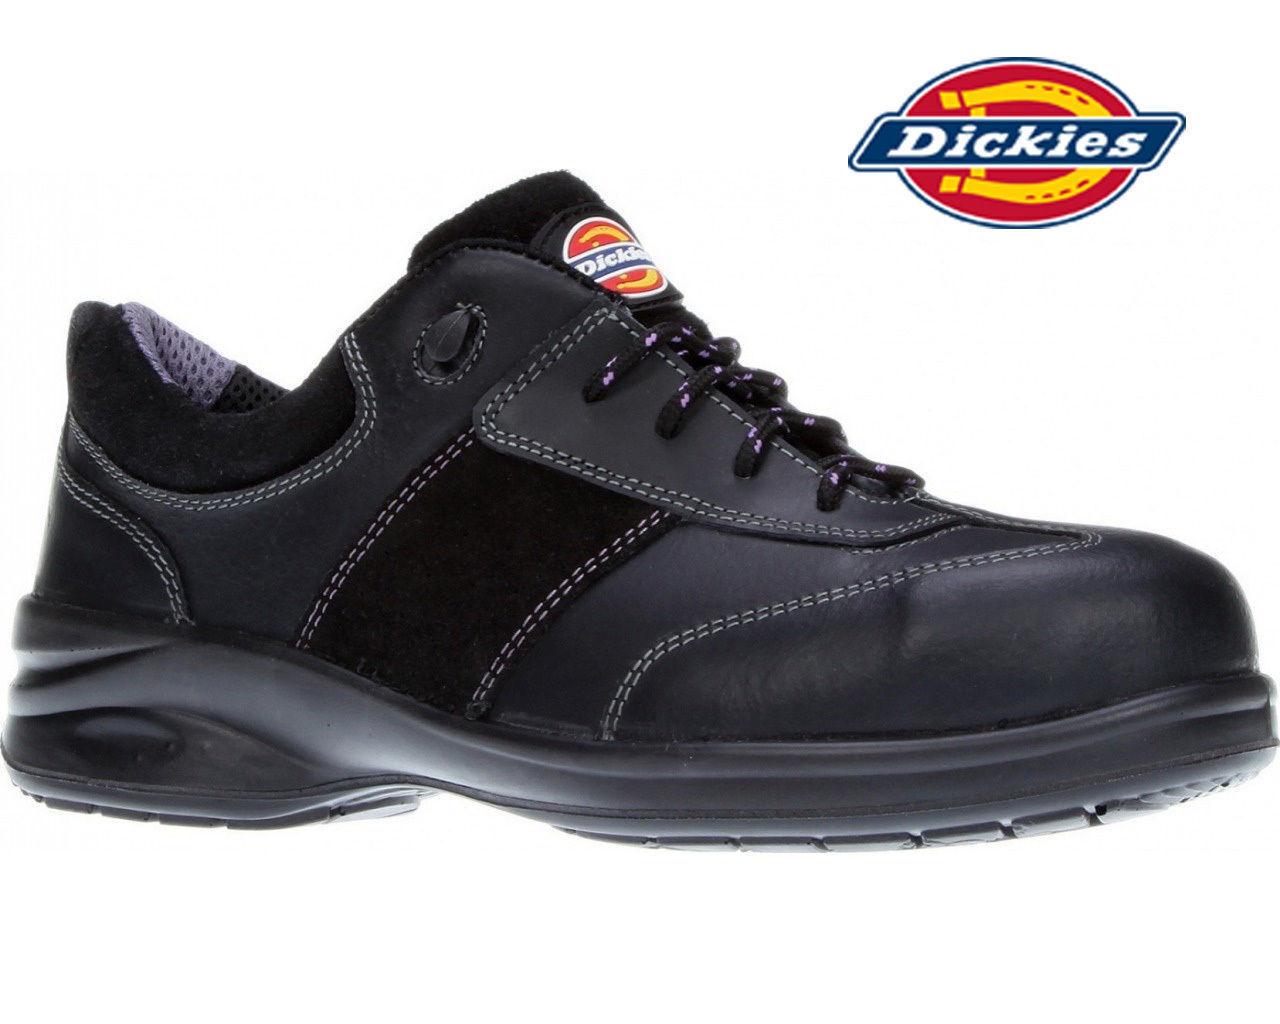 Dickies Mujer Zapato de seguridad Velma Talla trabajo entrenadores Puntera acero Talla Velma cc180f